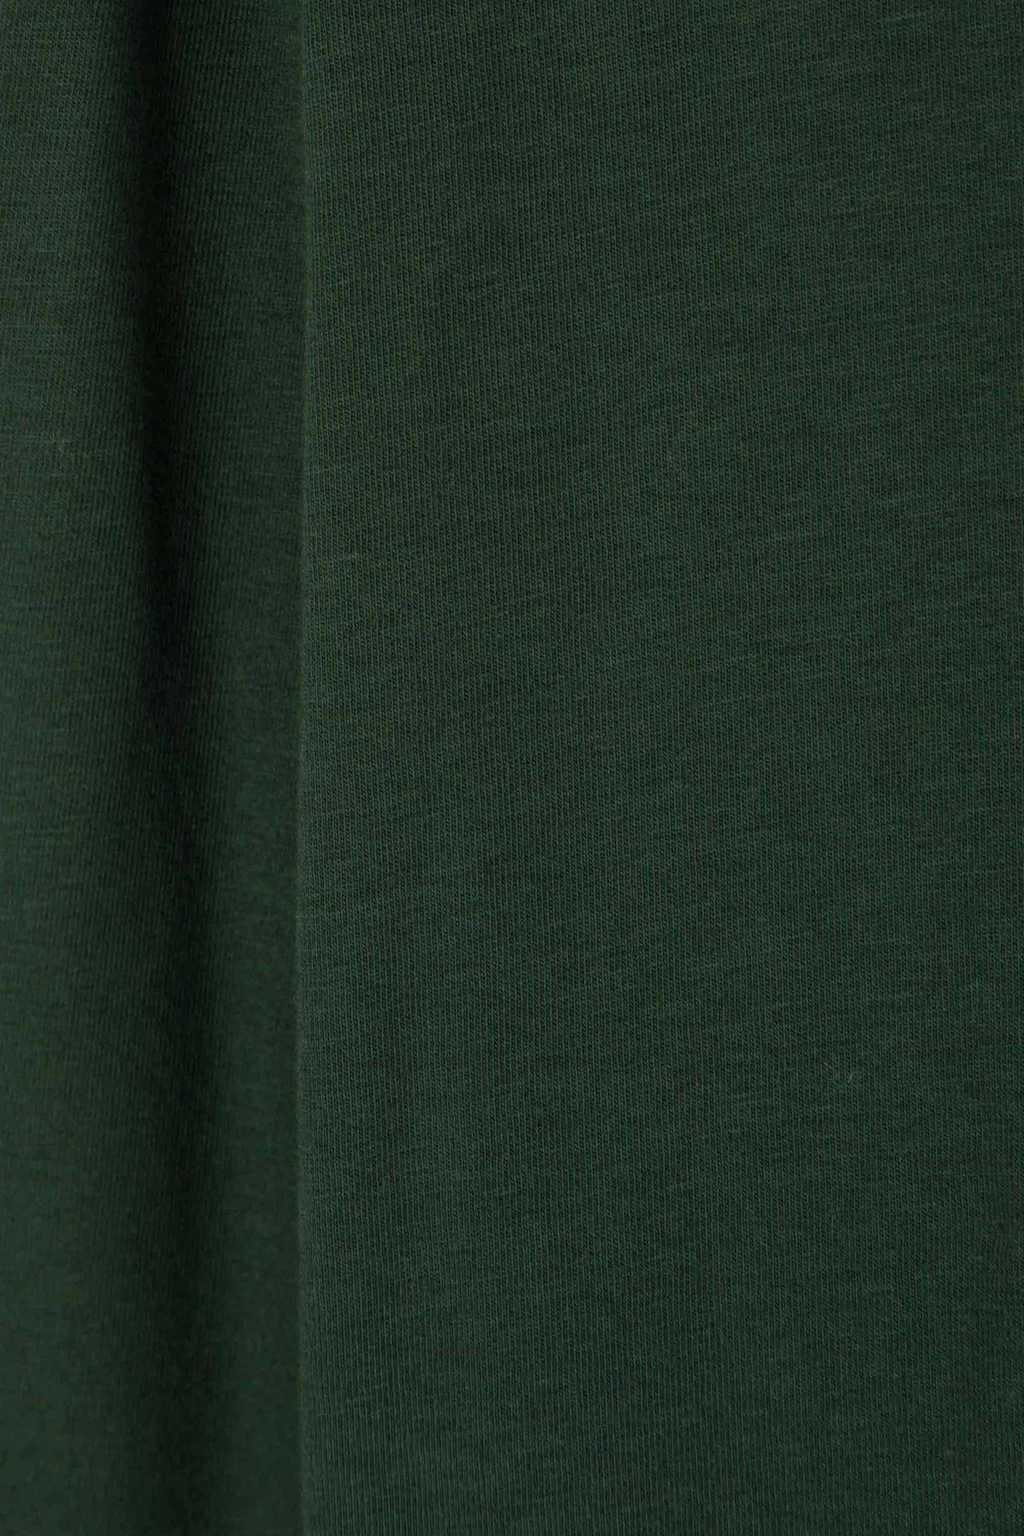 TShirt 1813 Green 11